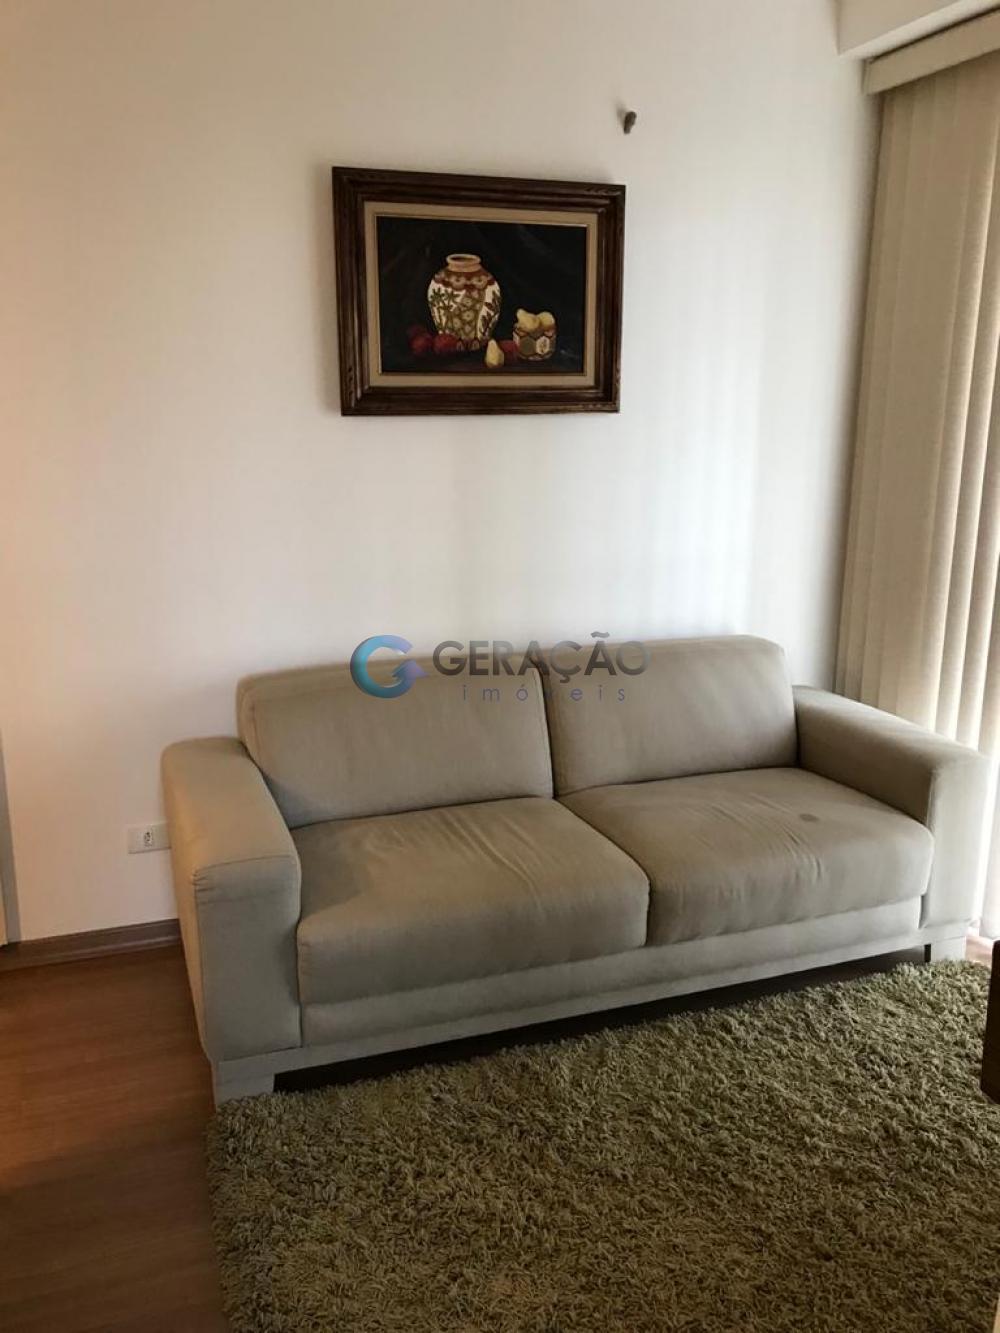 Comprar Apartamento / Padrão em São José dos Campos R$ 370.000,00 - Foto 5